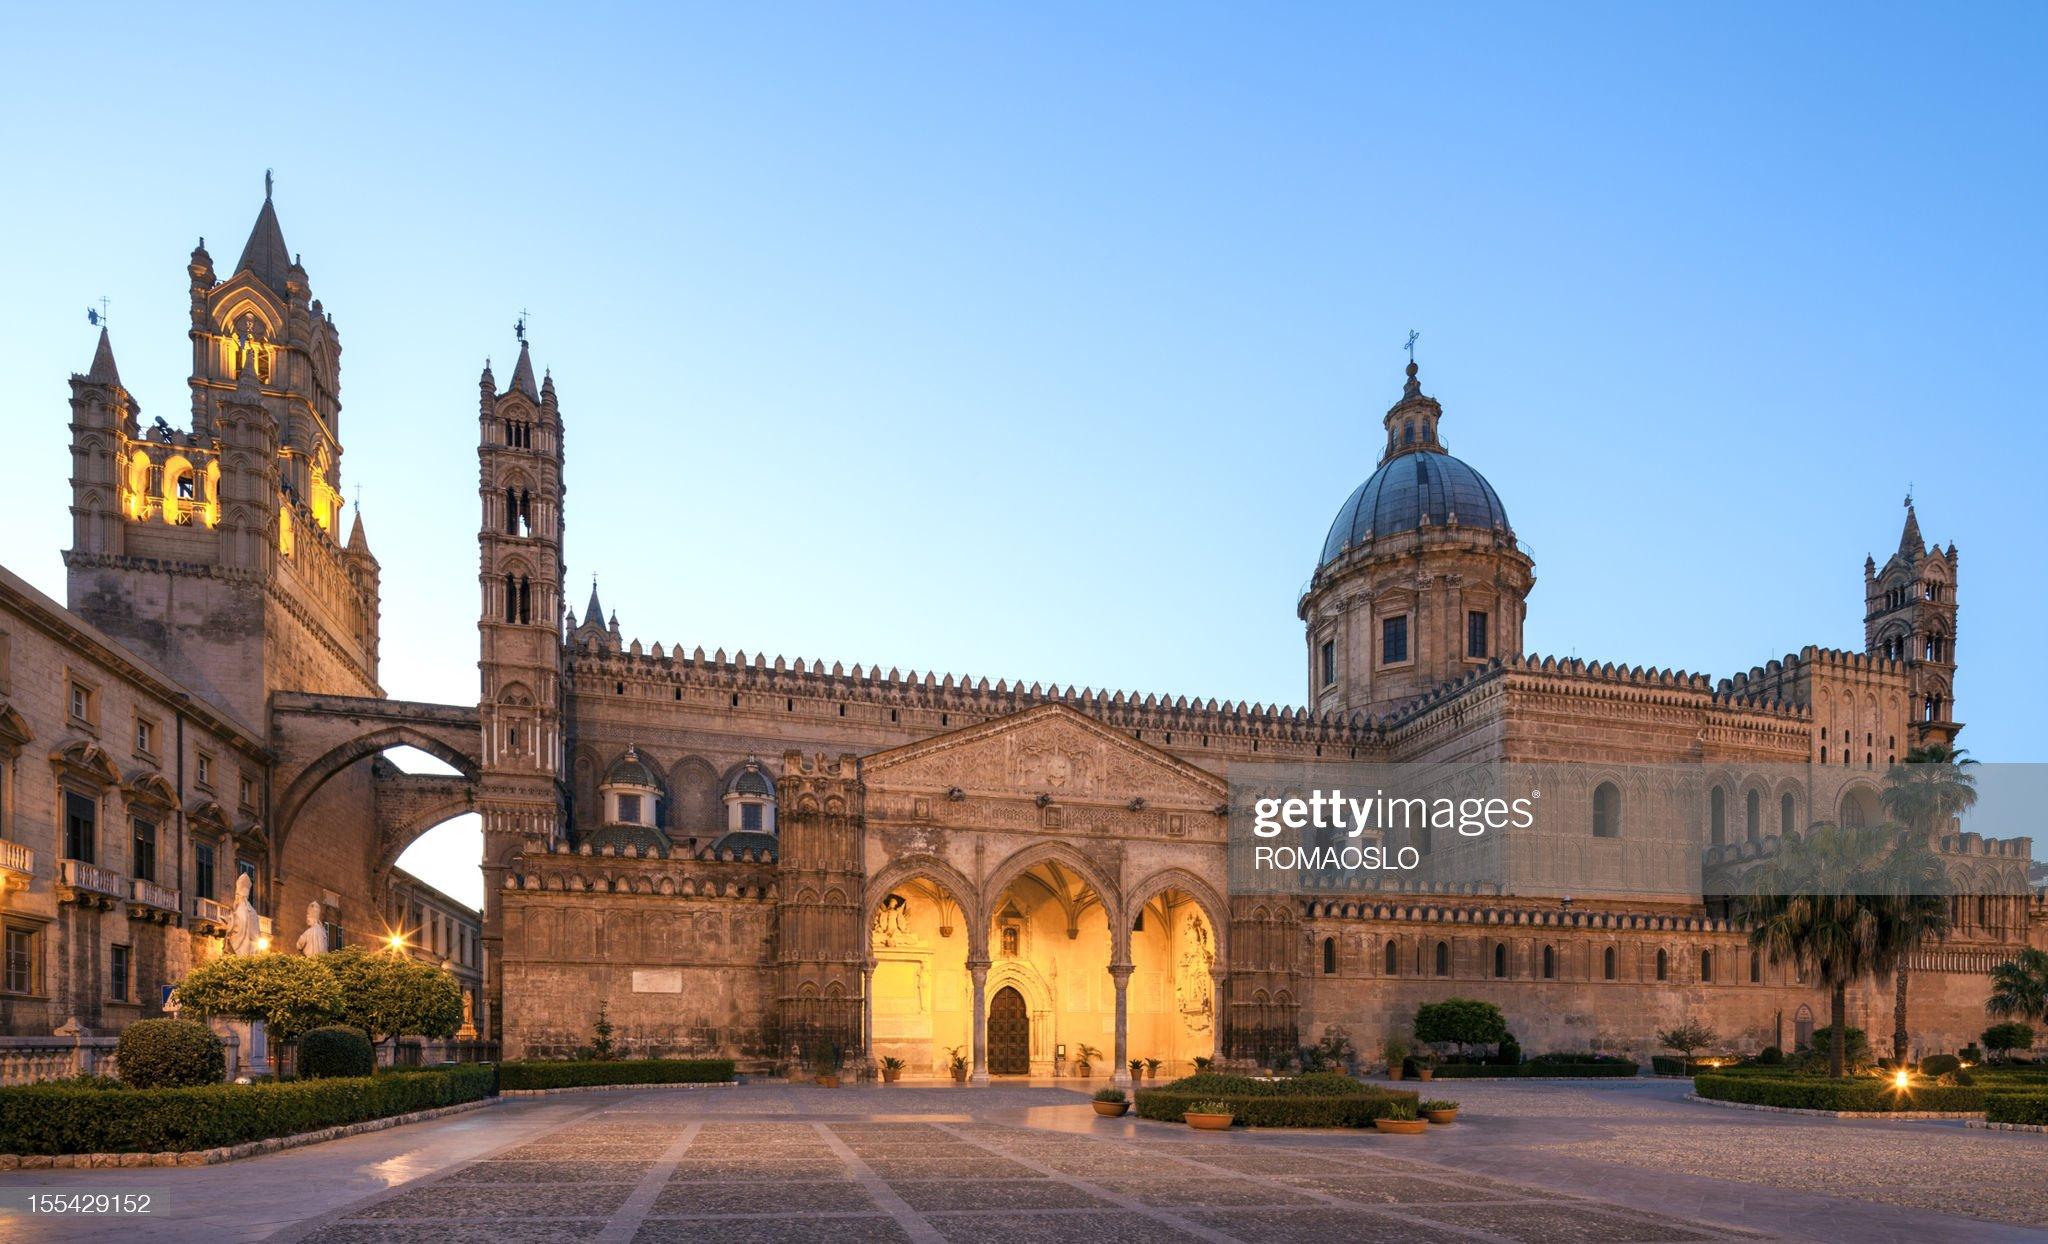 Cattedrale di Palermo, sicilia, italia di notte : Foto stock